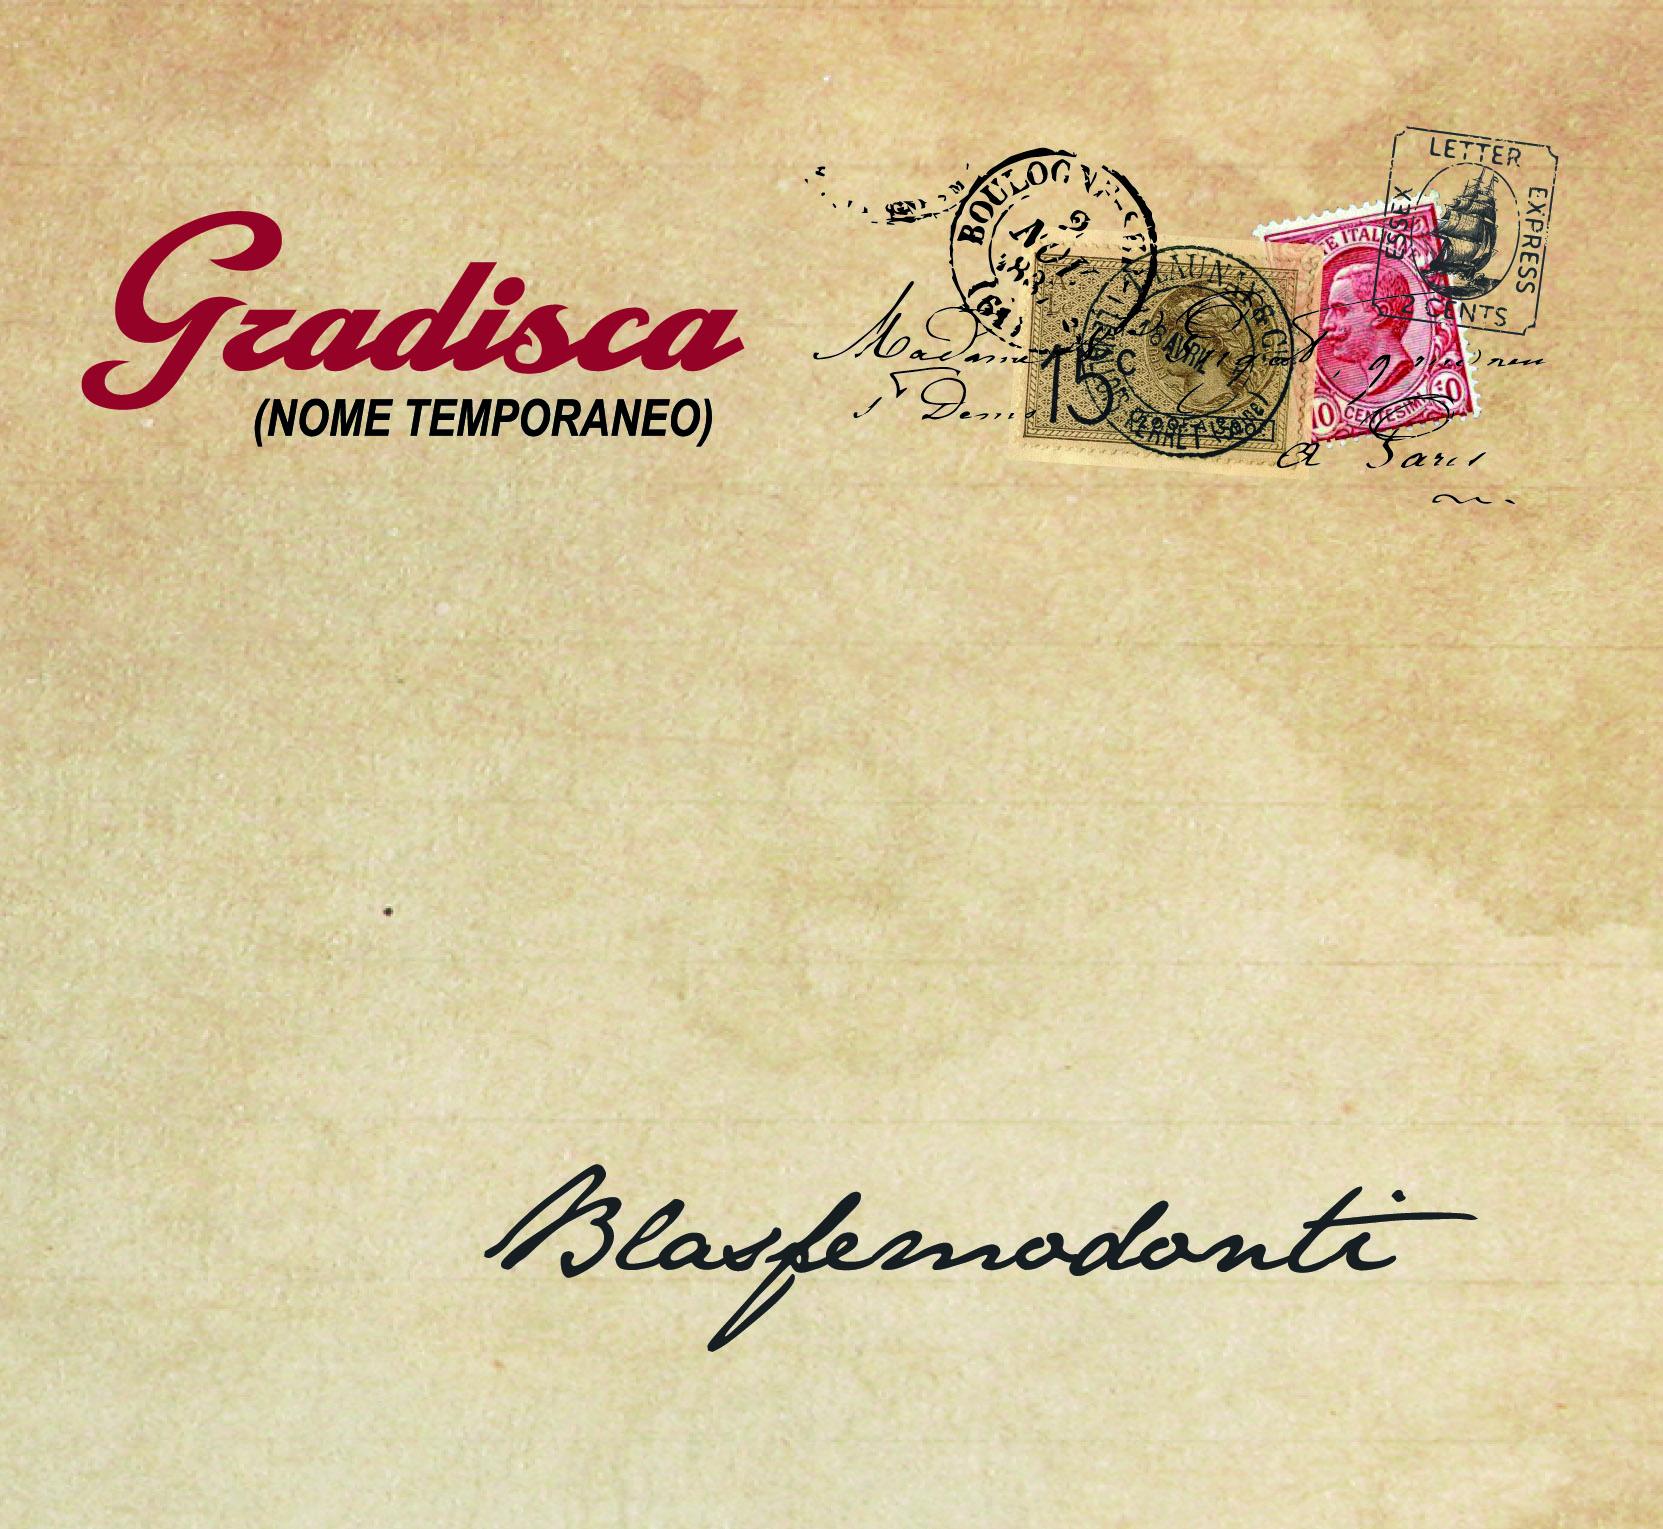 Gradisca (Nome Temporaneo) - Blasfemodonti